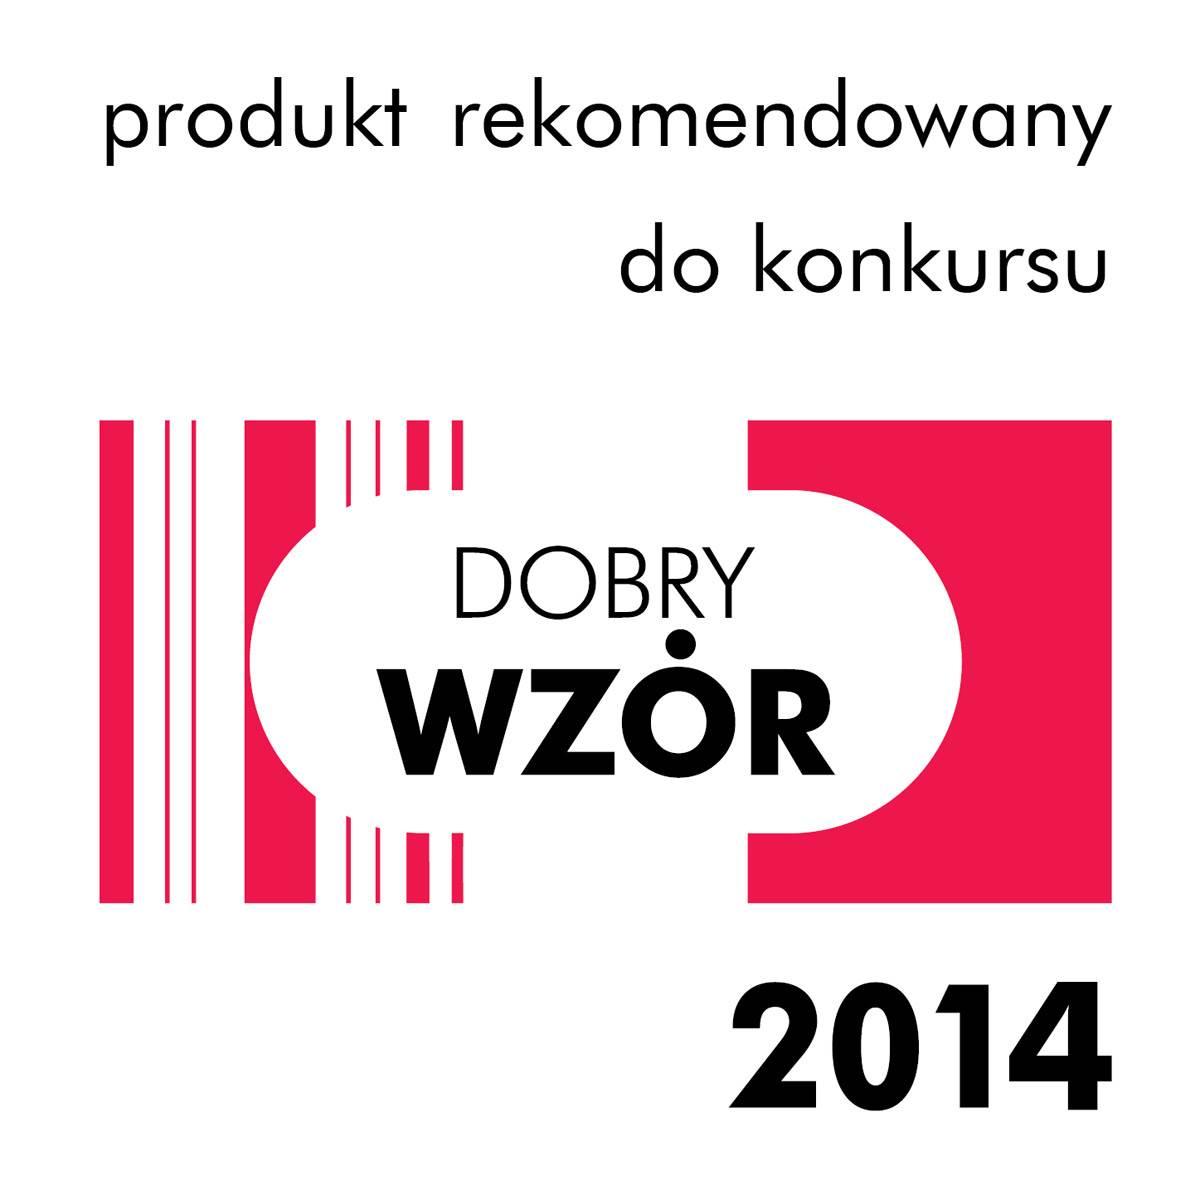 Grzejniki ENIX rekomendowane do konkursu DOBRY WZÓR 2014